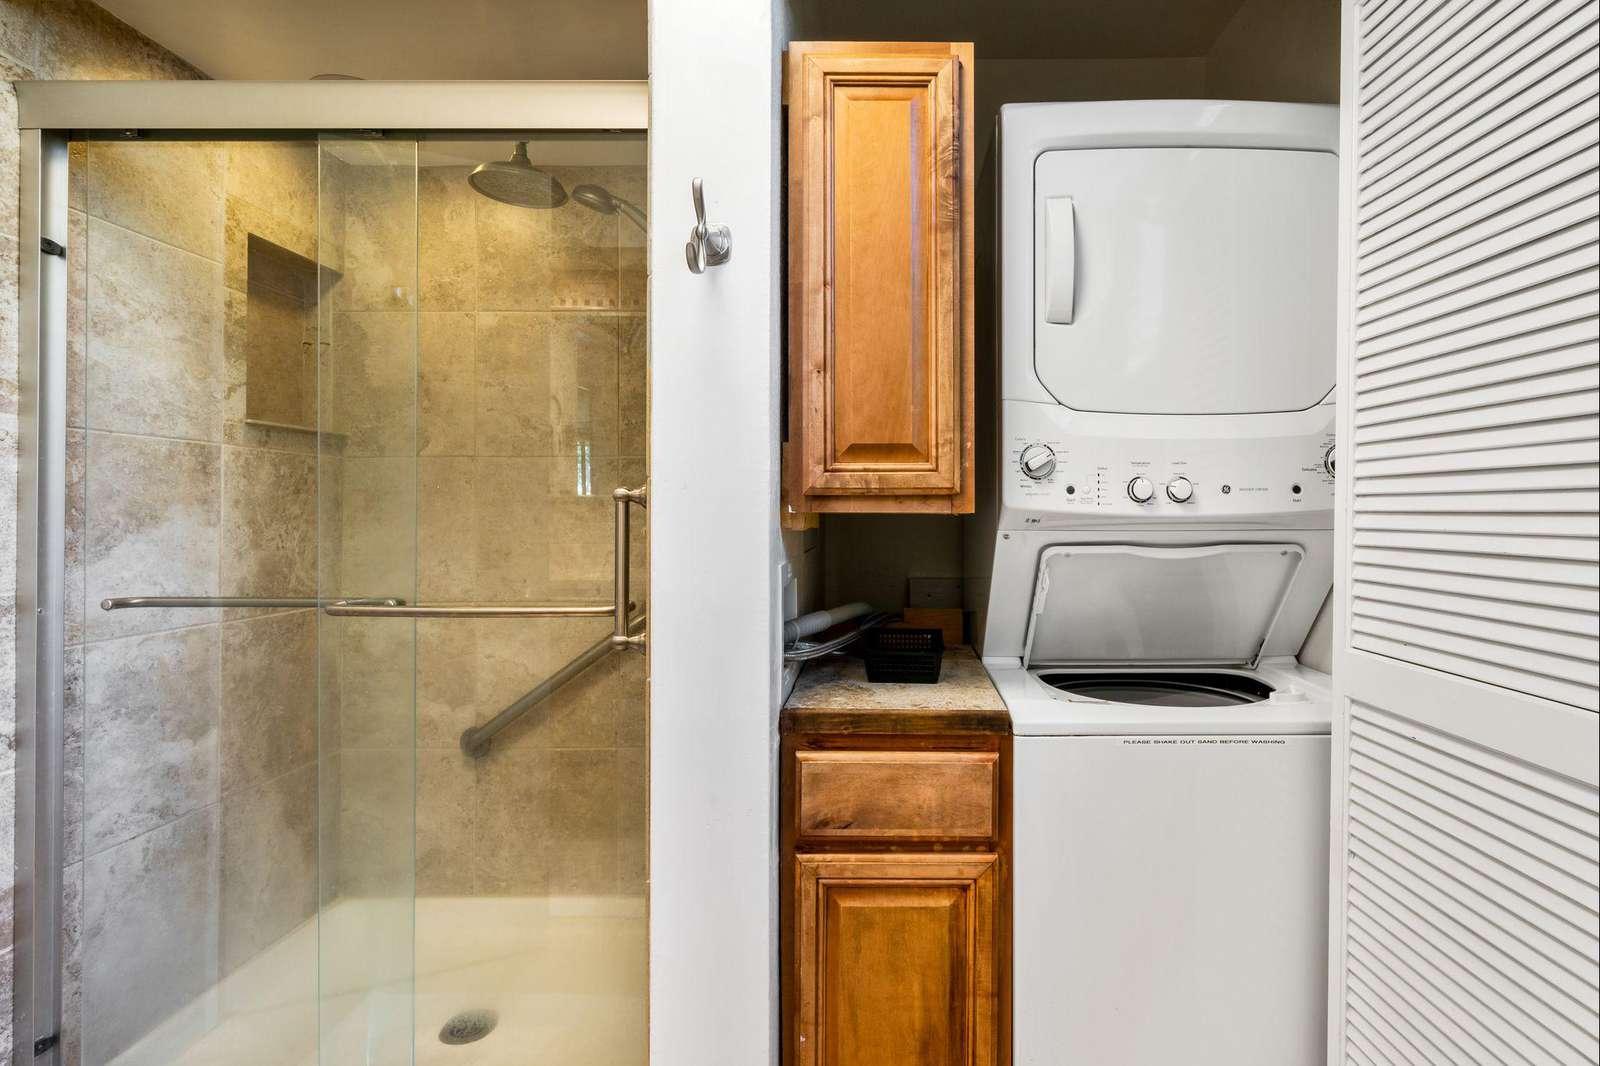 Master bath has a washer/dryer